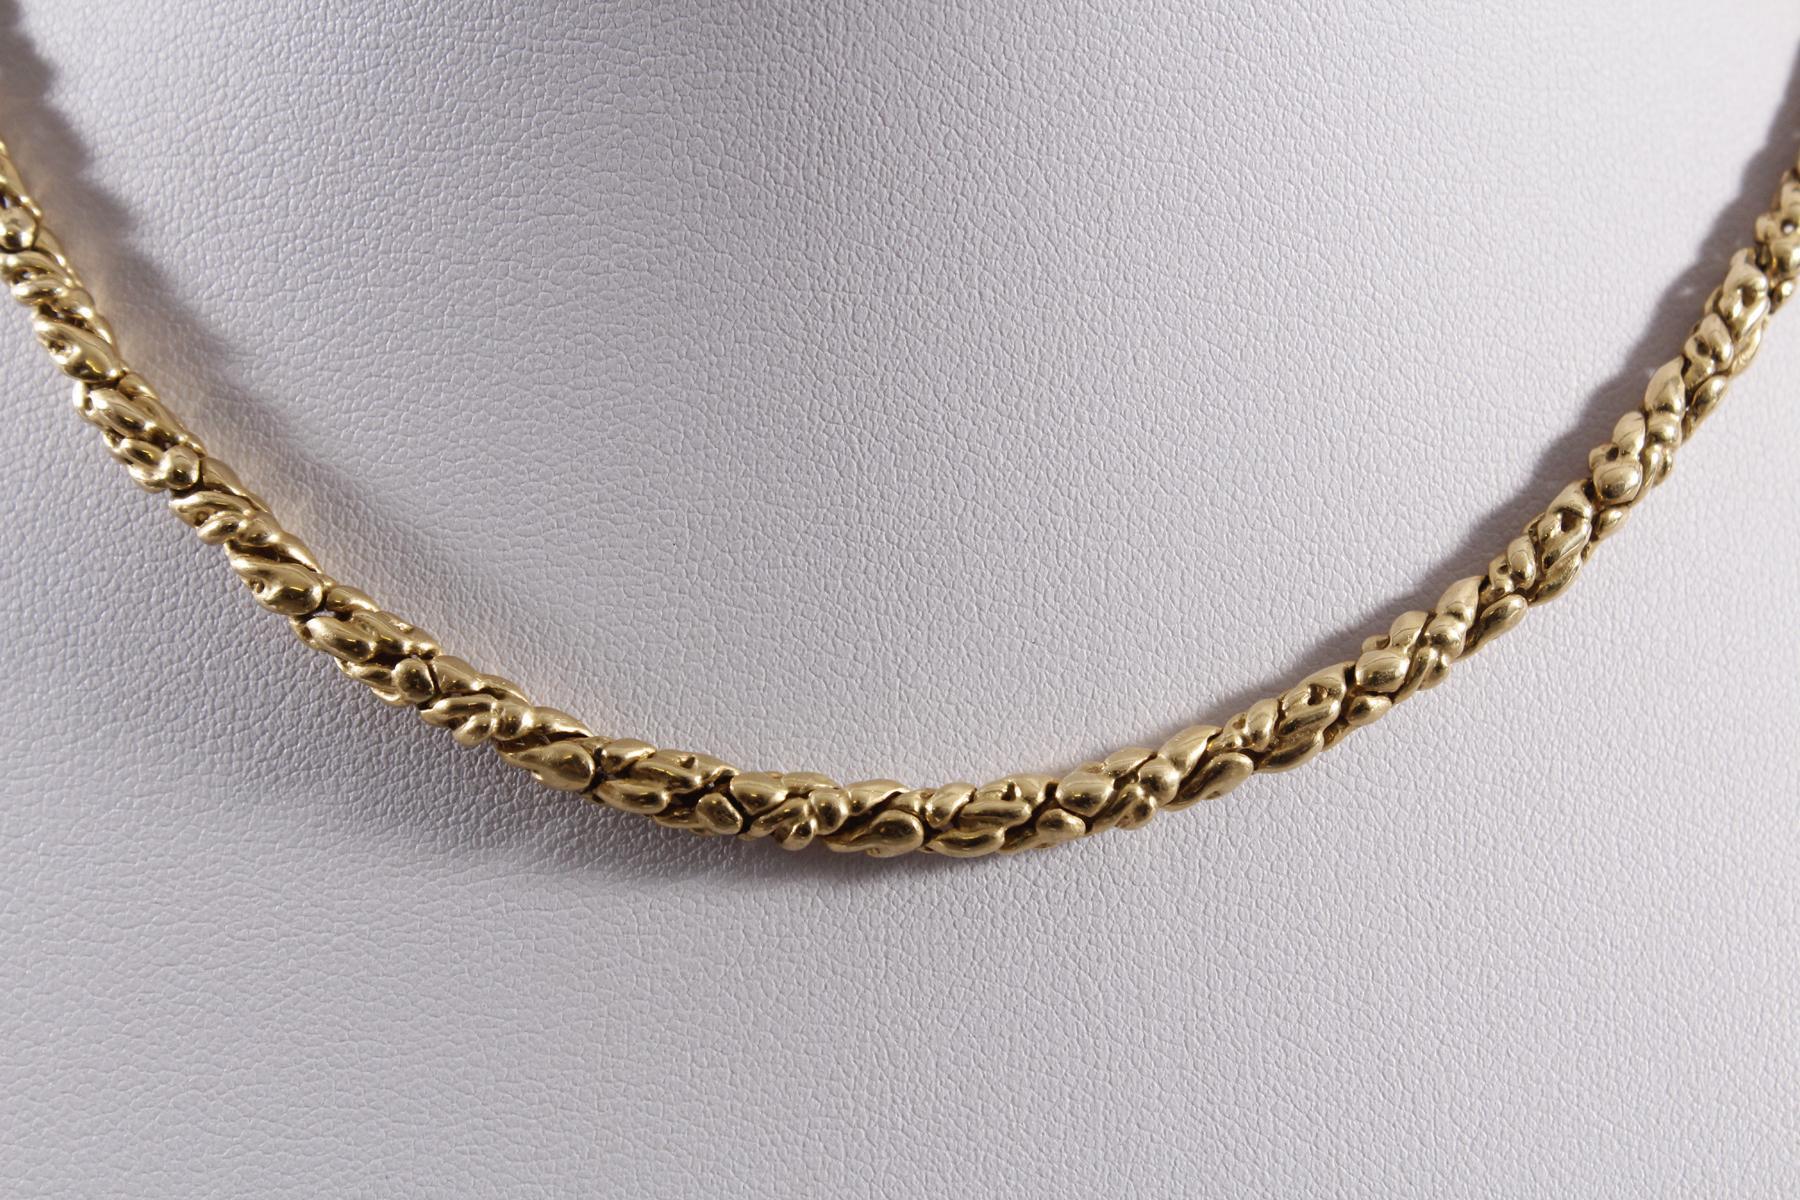 Königskette, 18 kt Gelbgold-2